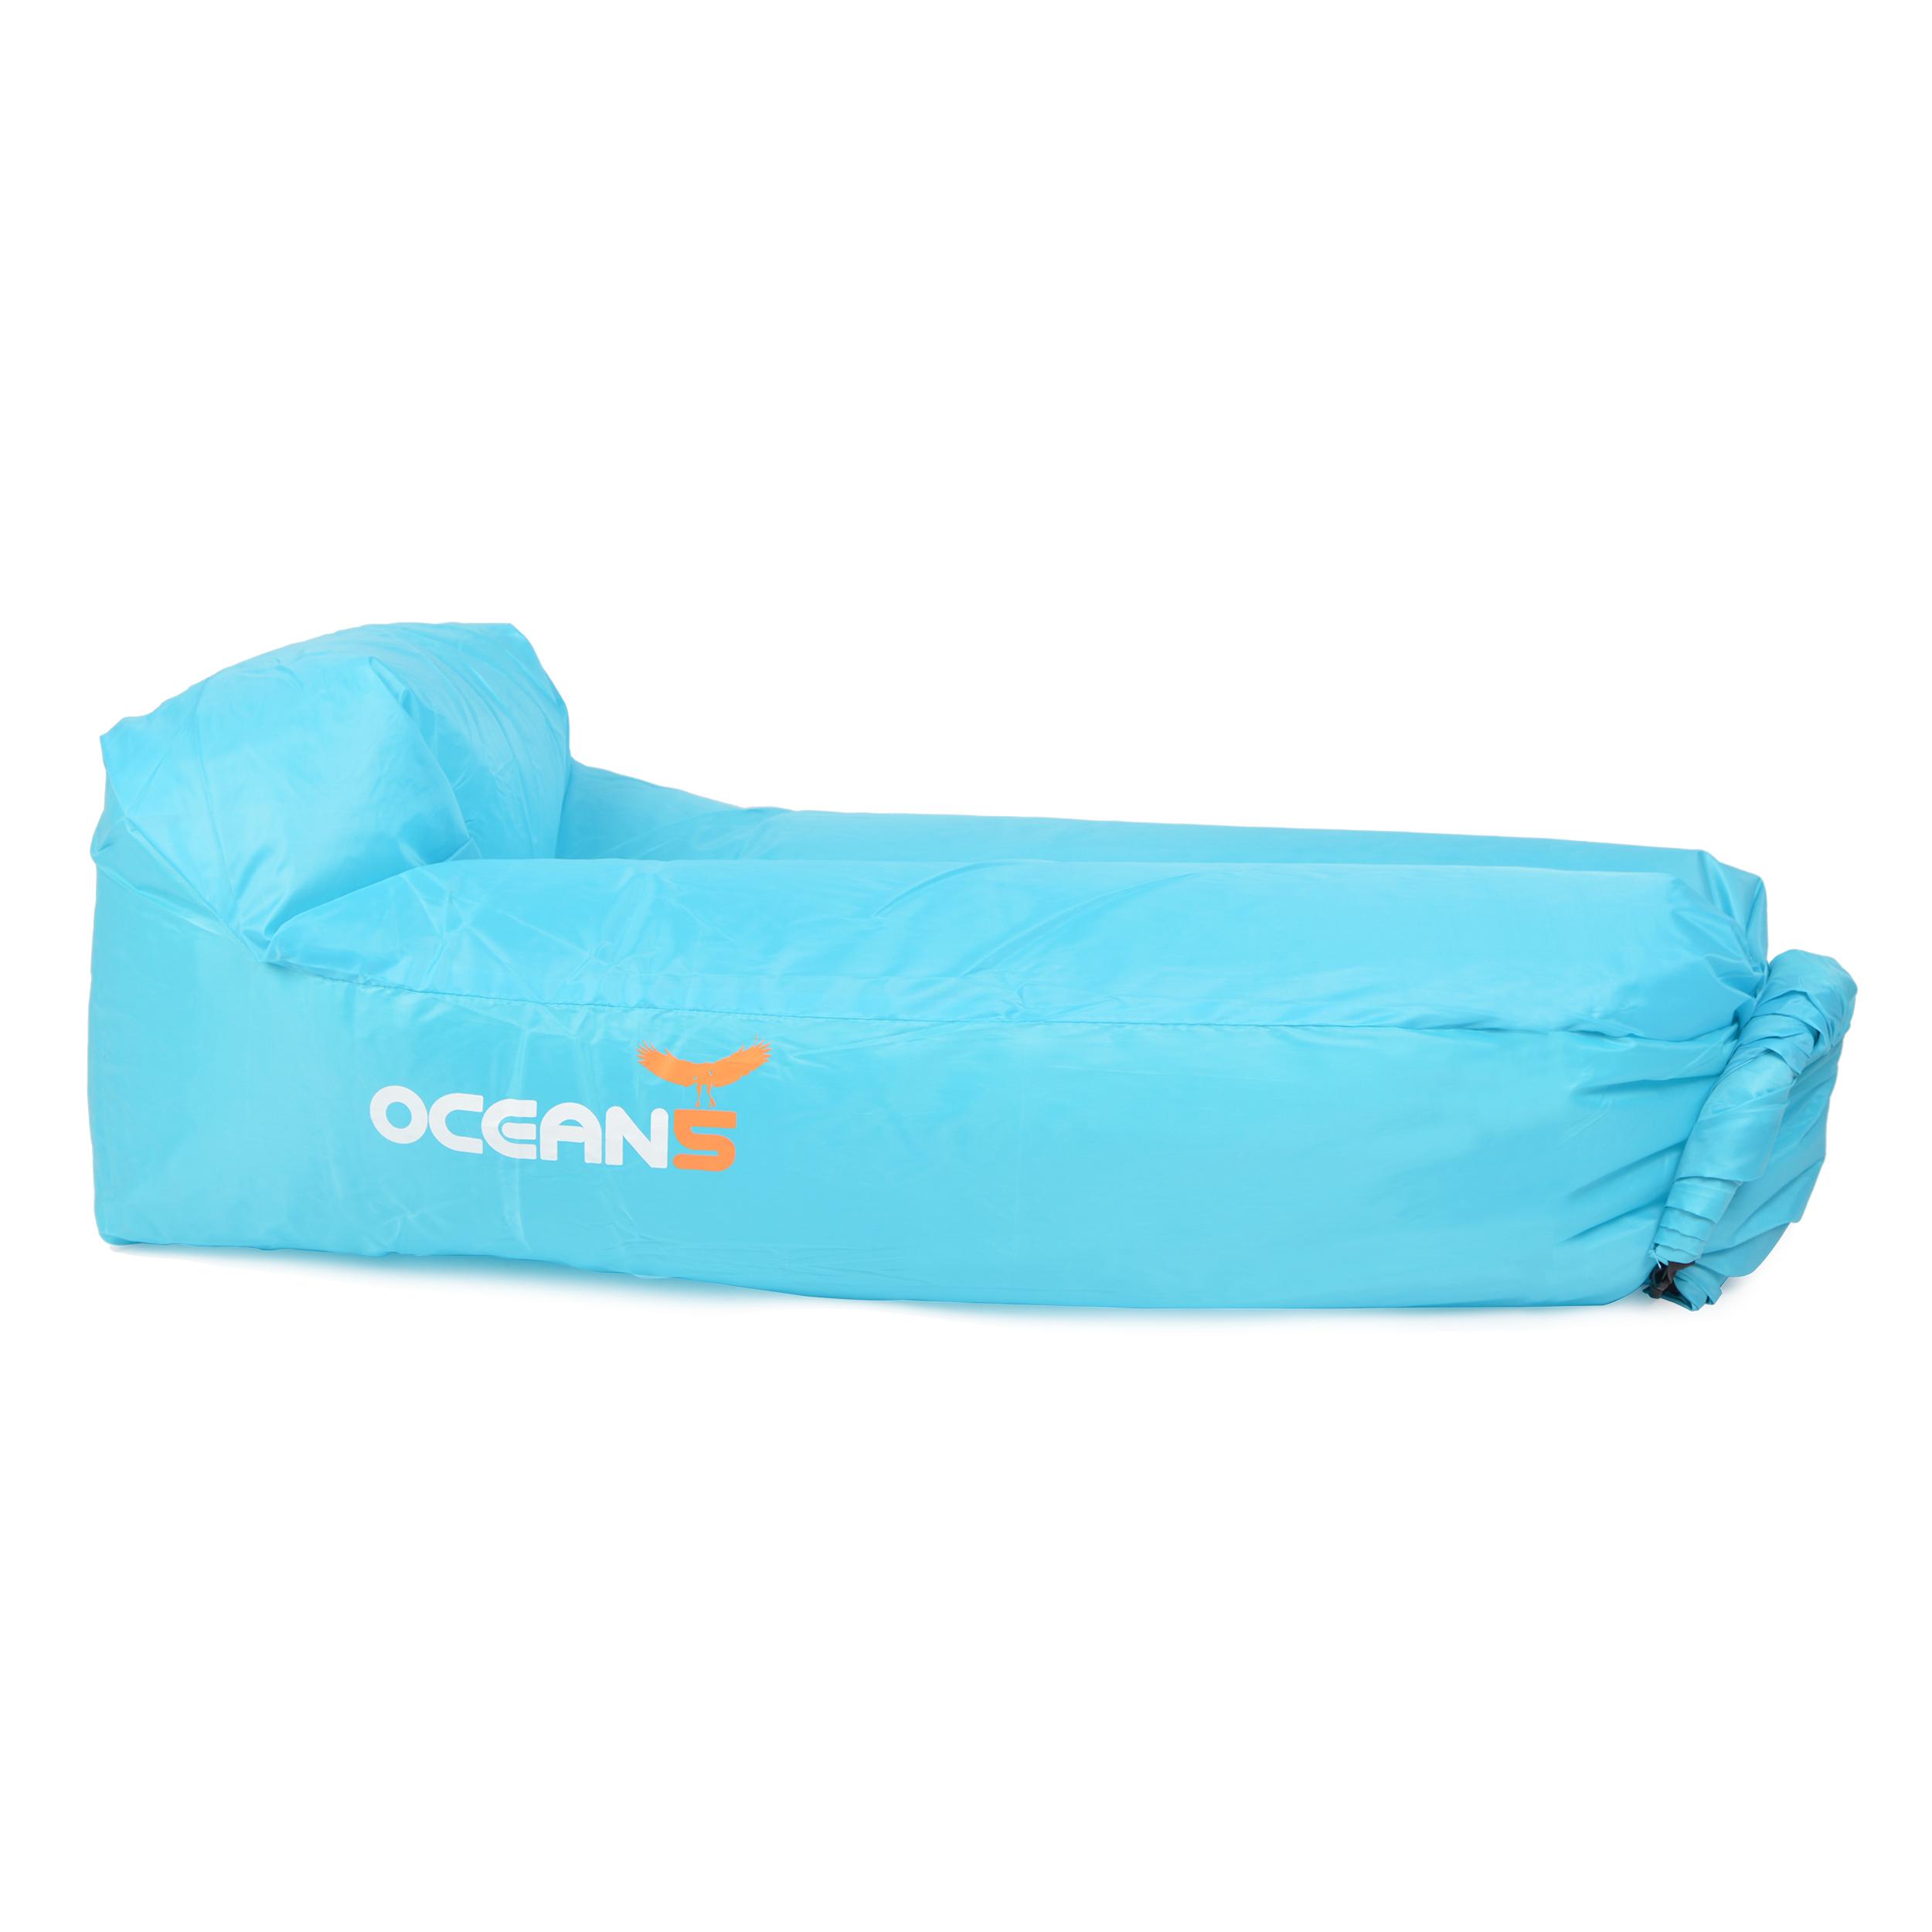 Ocean5 Luftsofa / Air Lounger - Hellblau